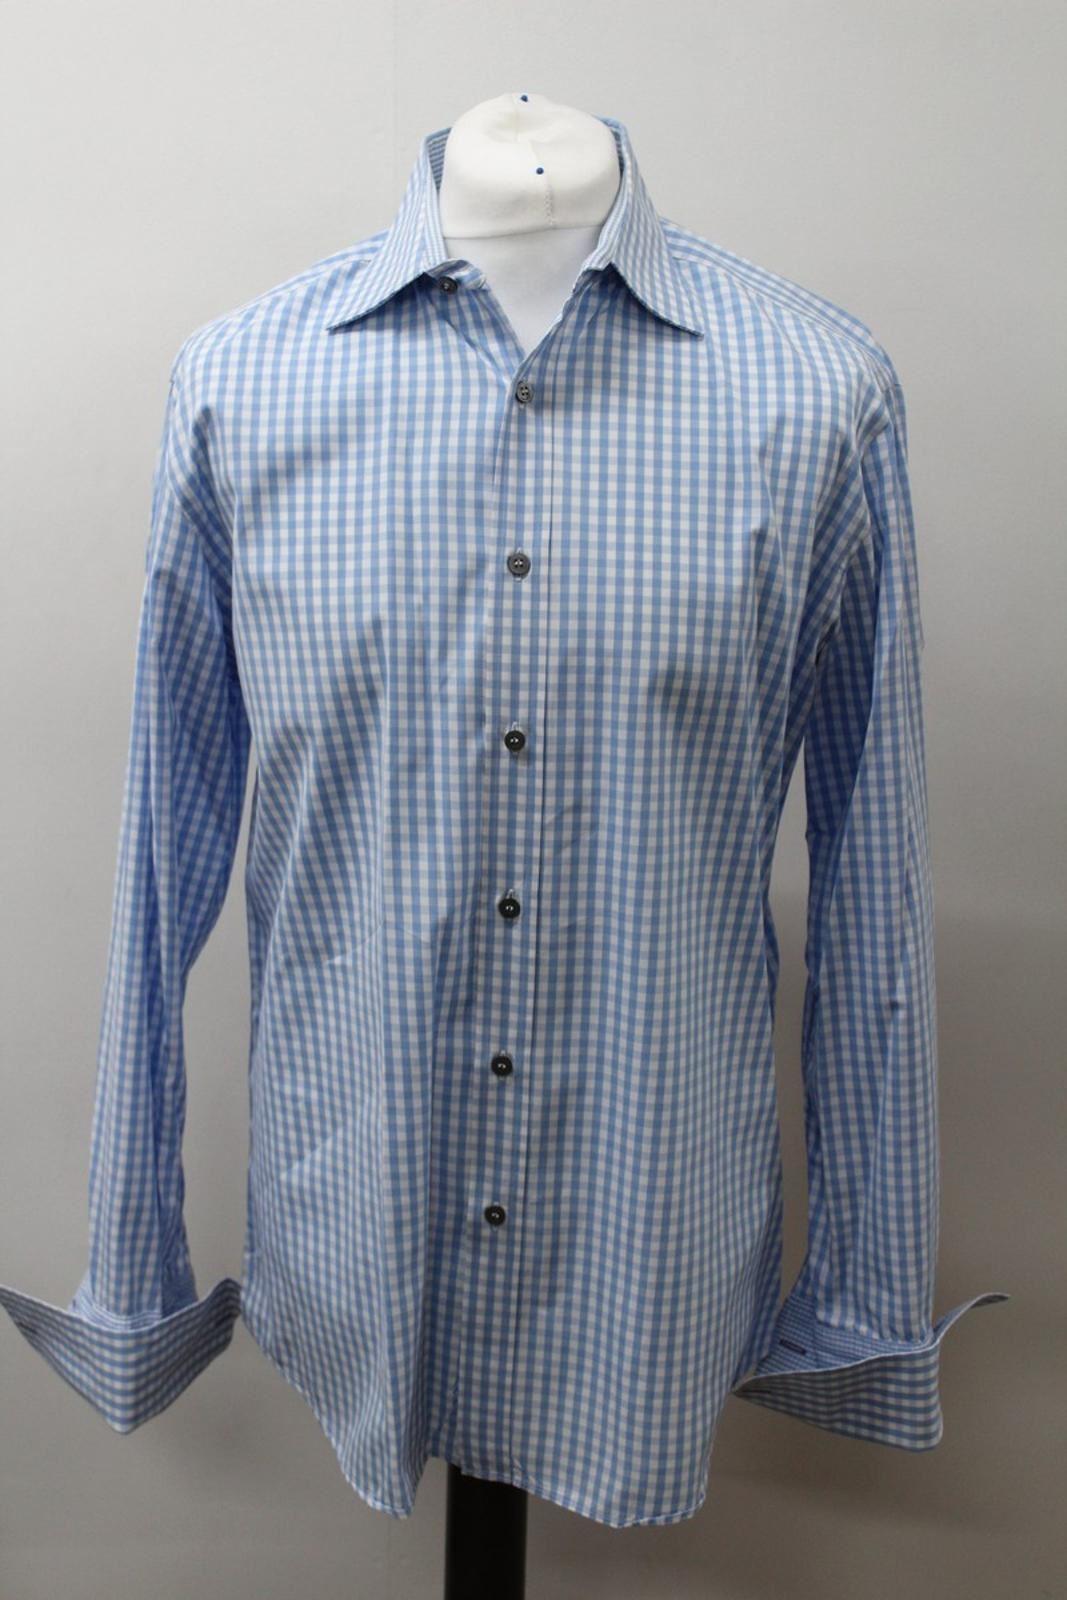 Paul-Smith-Para-Hombre-Camisa-Azul-Blanco-Algodon-comprobado-Formal-Cuello-16-5-034-42cm